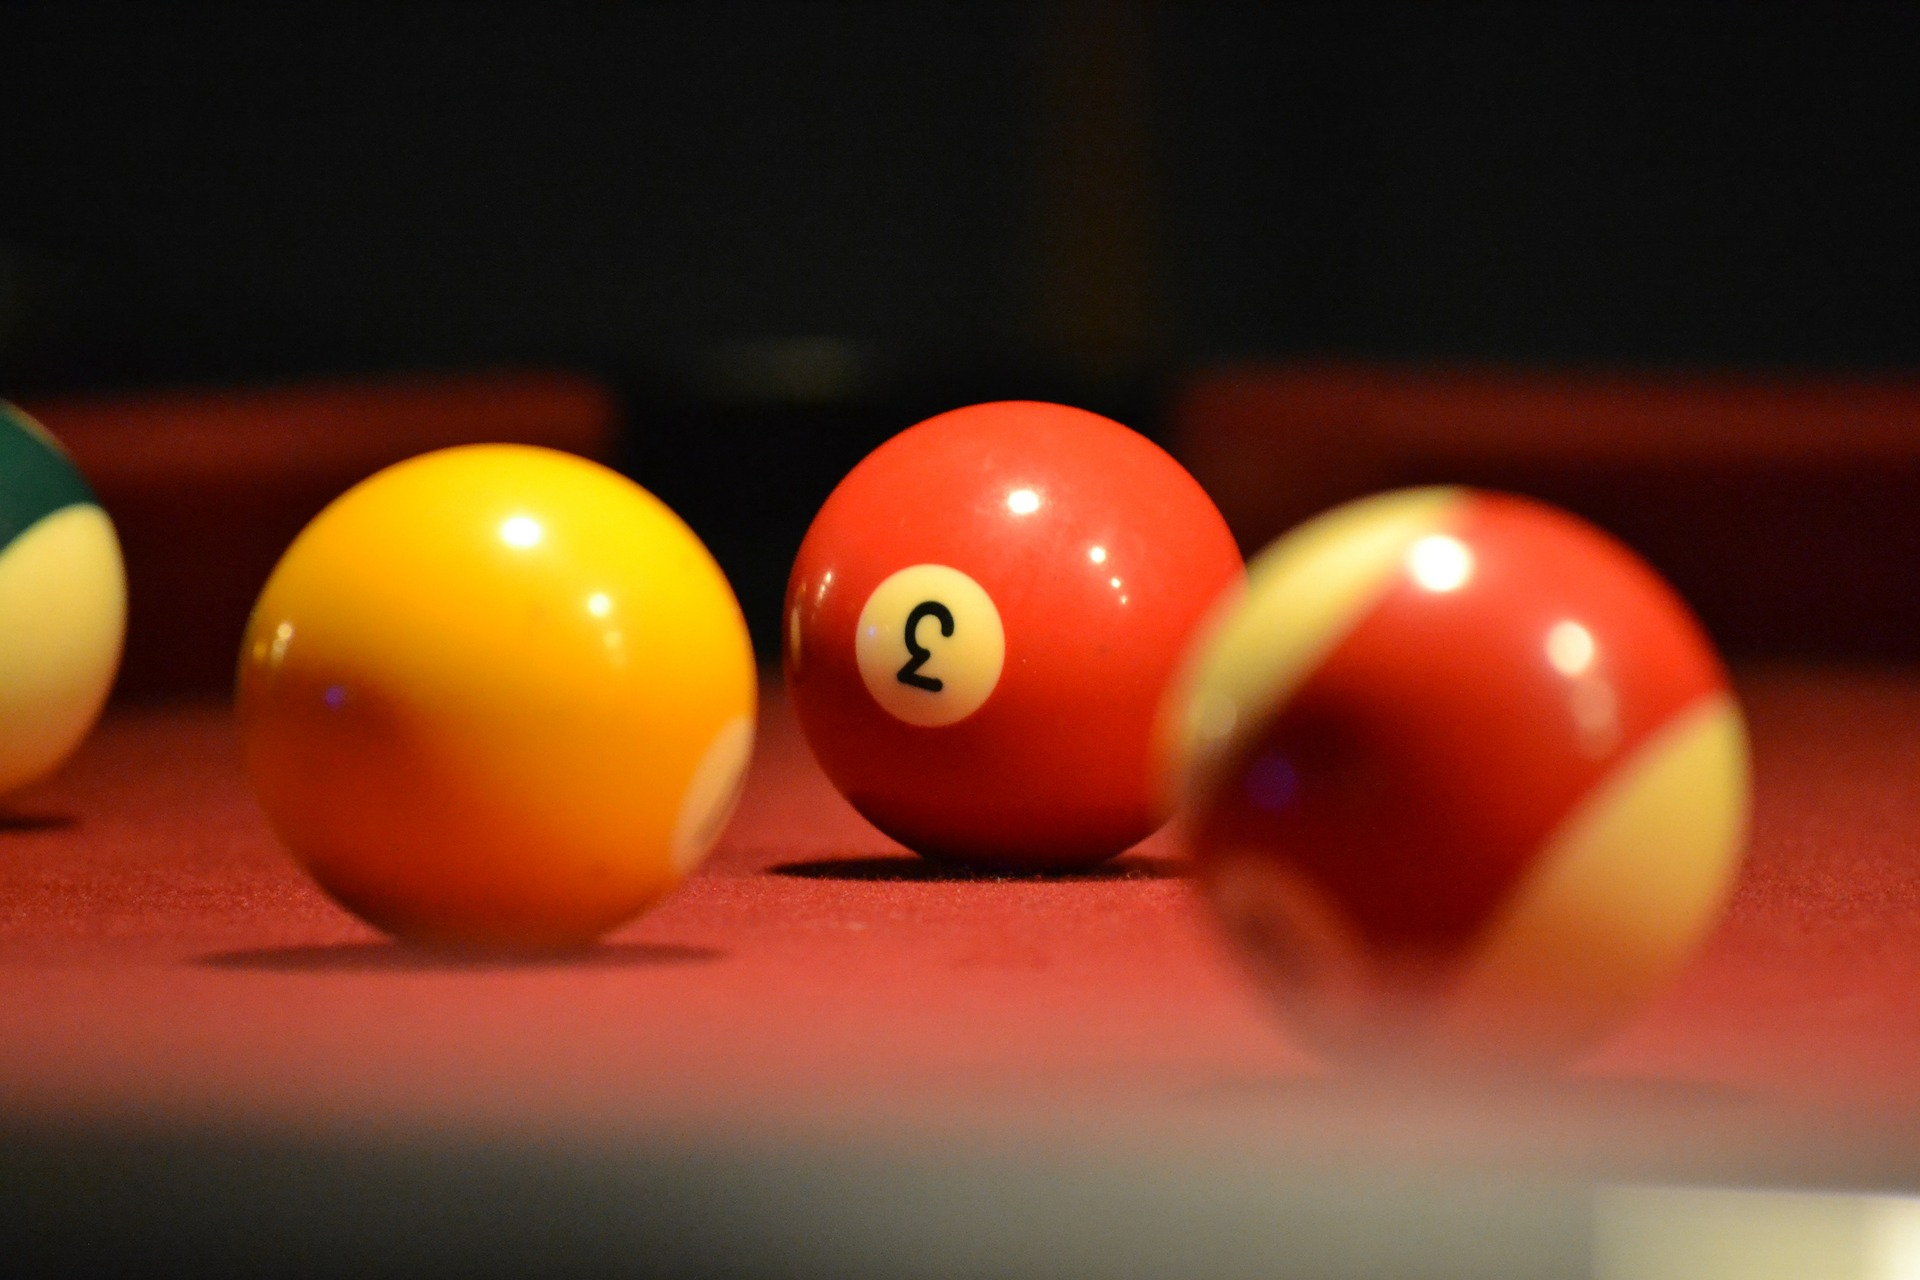 billiards-494659_1920.jpg